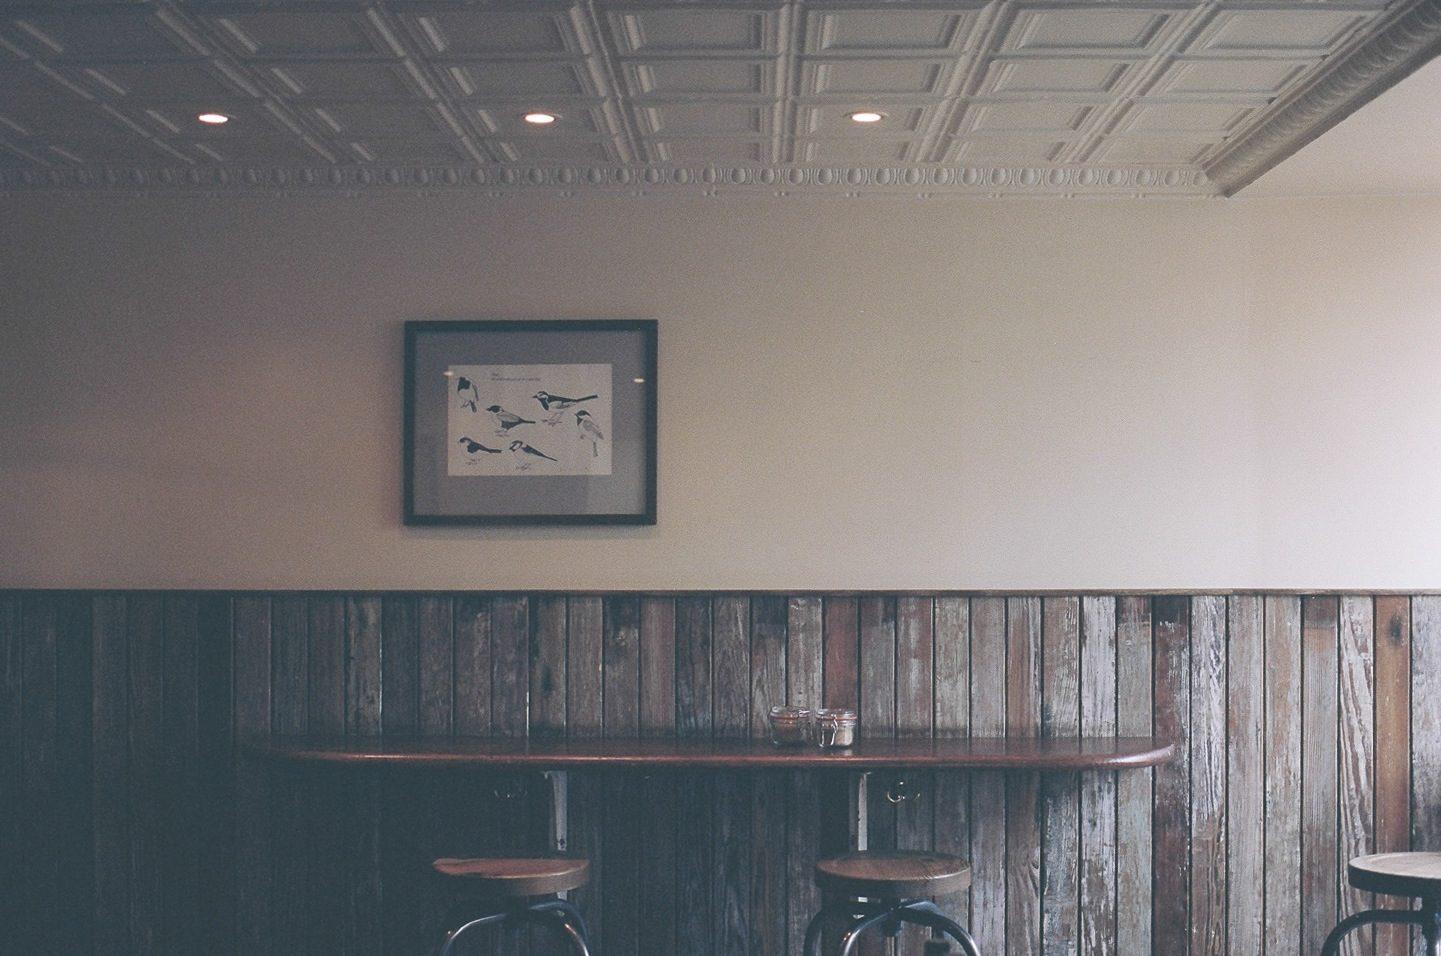 图片, 鸟类, 灯, 酒吧, 座位 - 高清壁纸 - 教授-falken.com